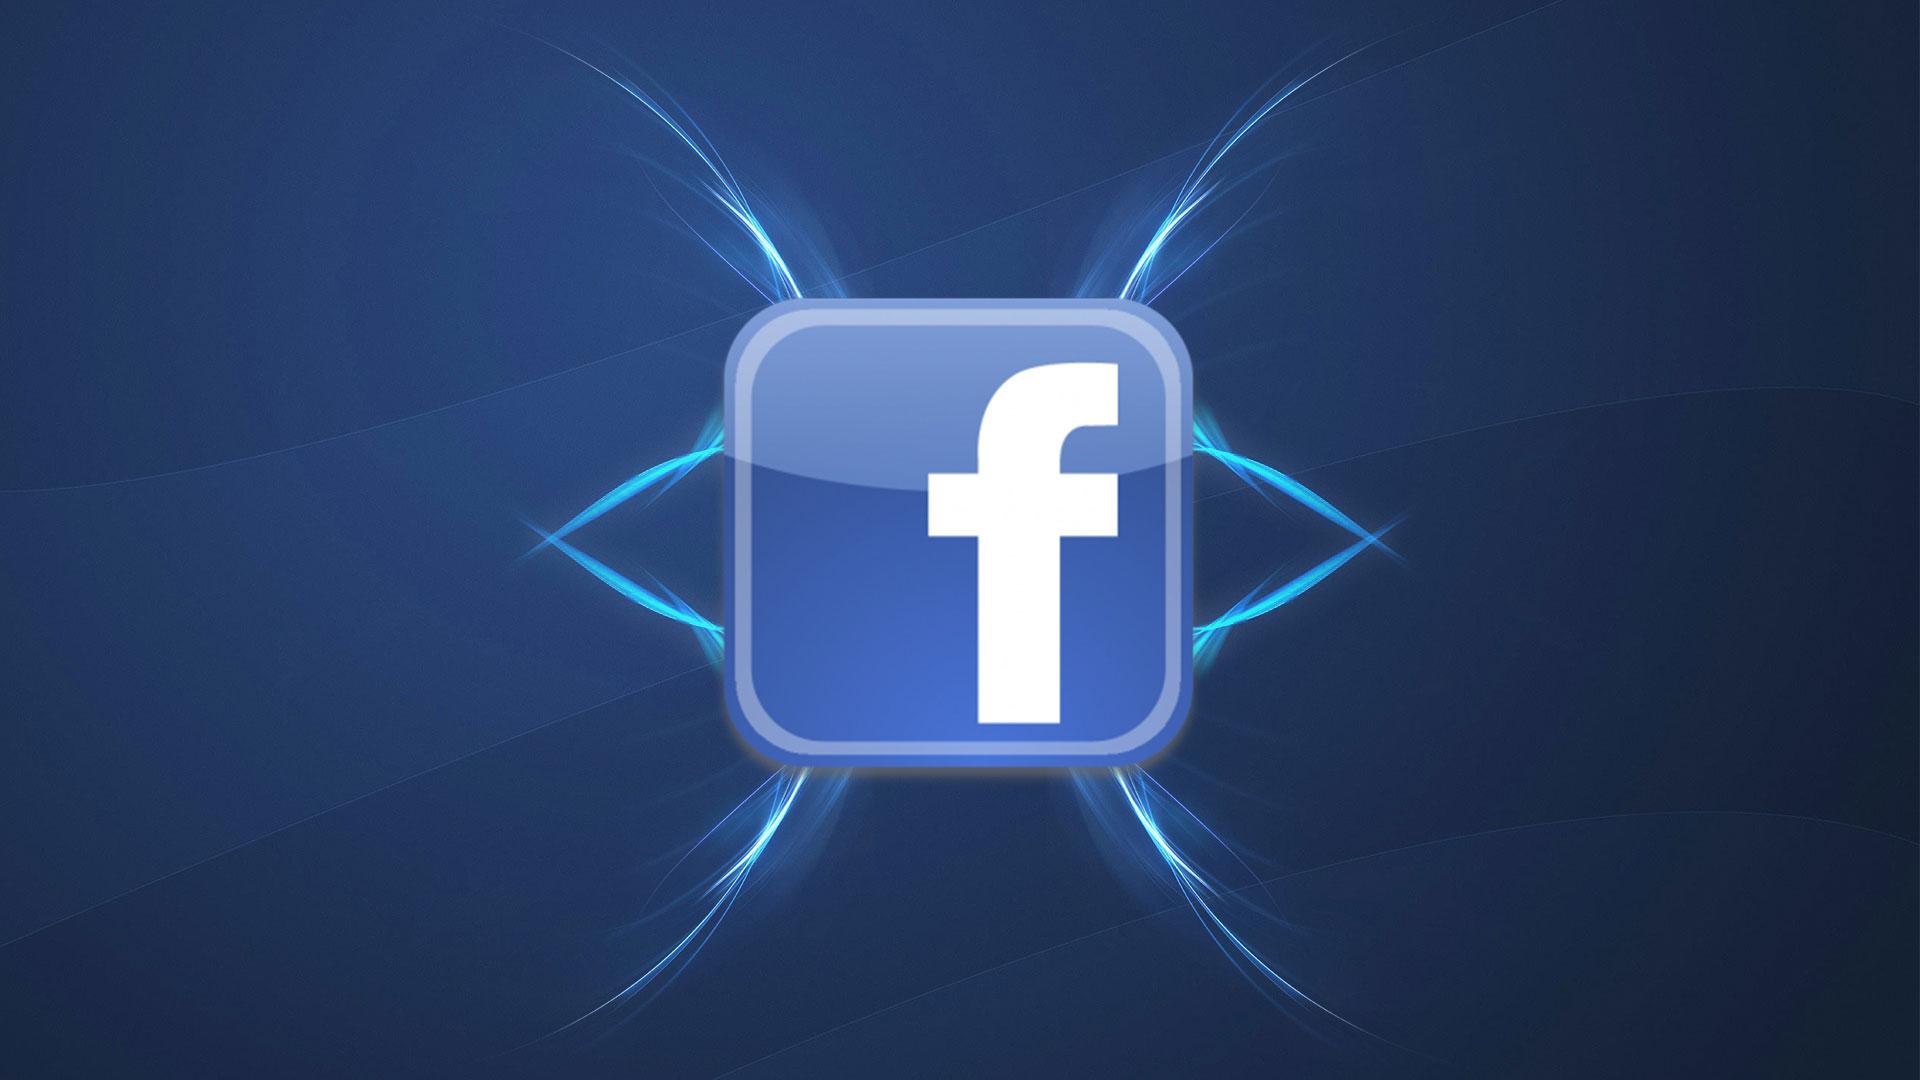 A social media használata 1. rész